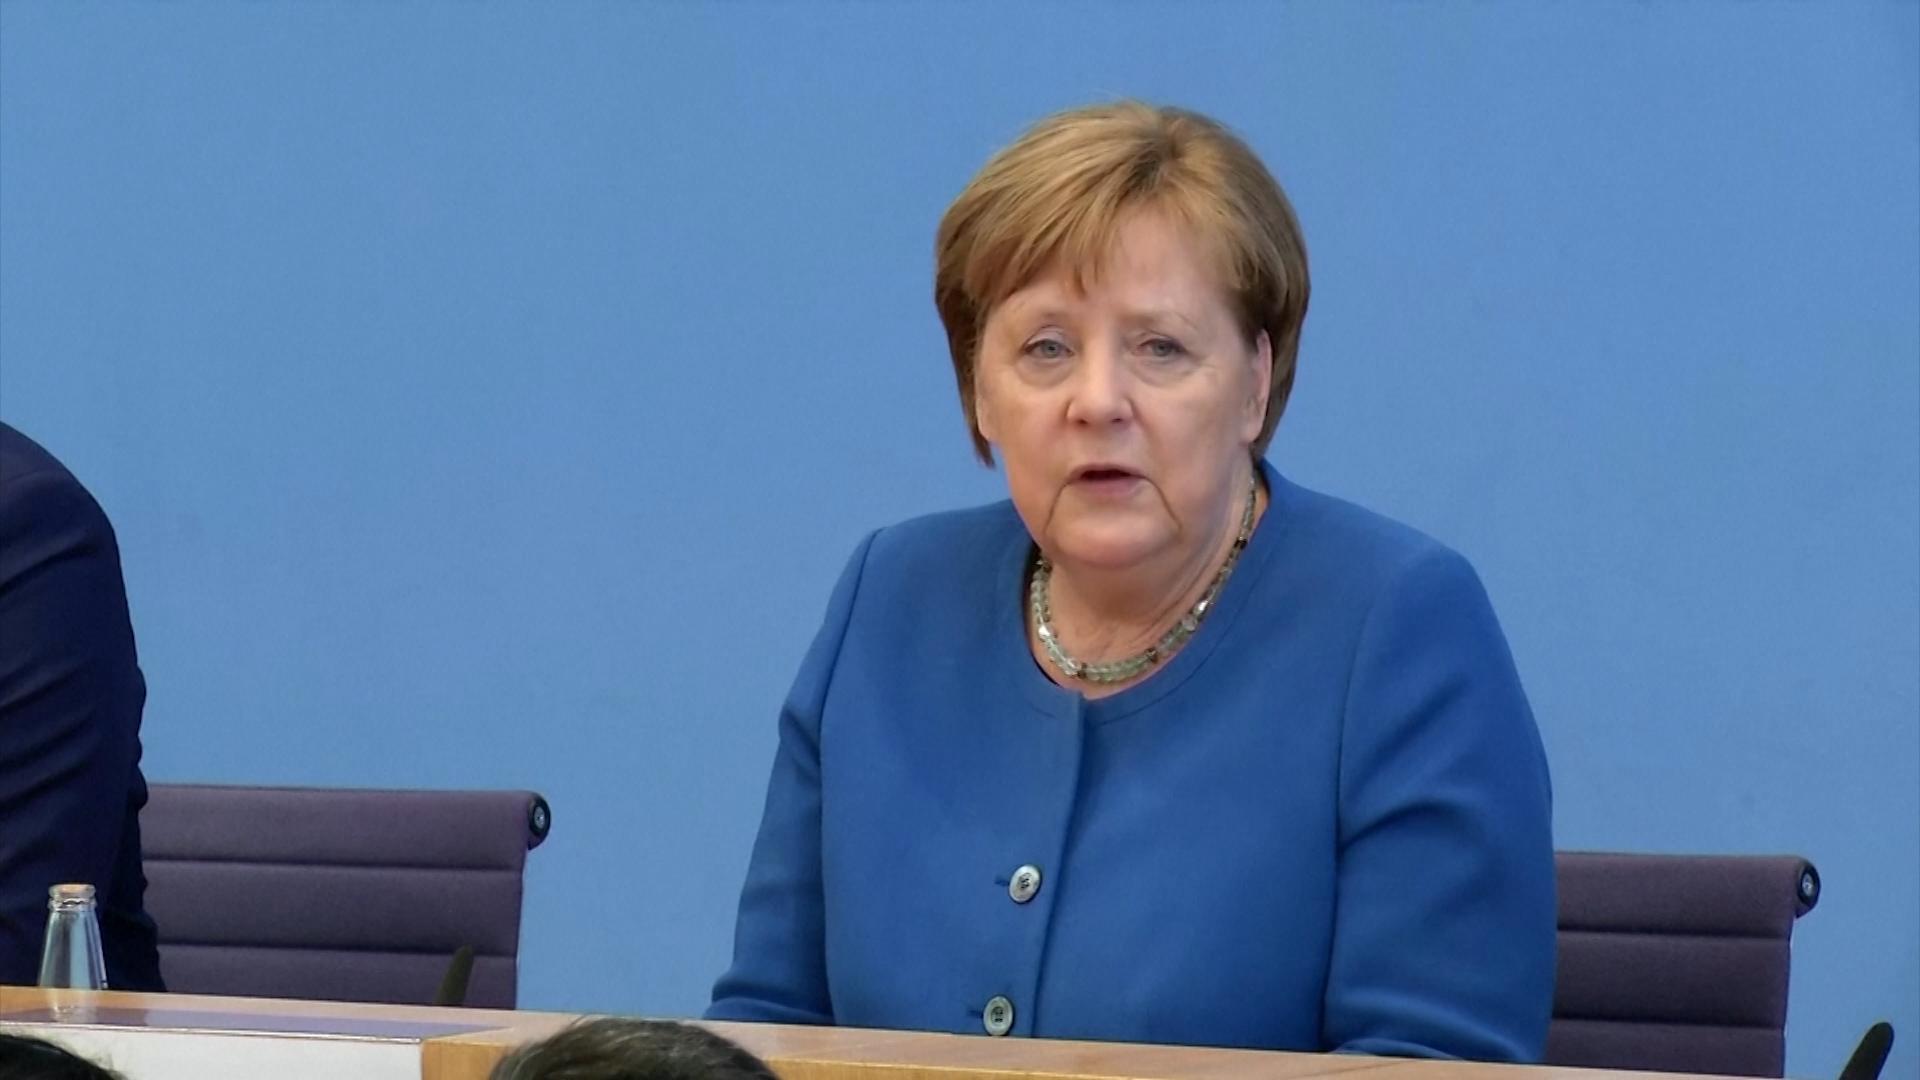 Angela Merkel, en aislamiento luego de que su médico diera positivo de coronavirus